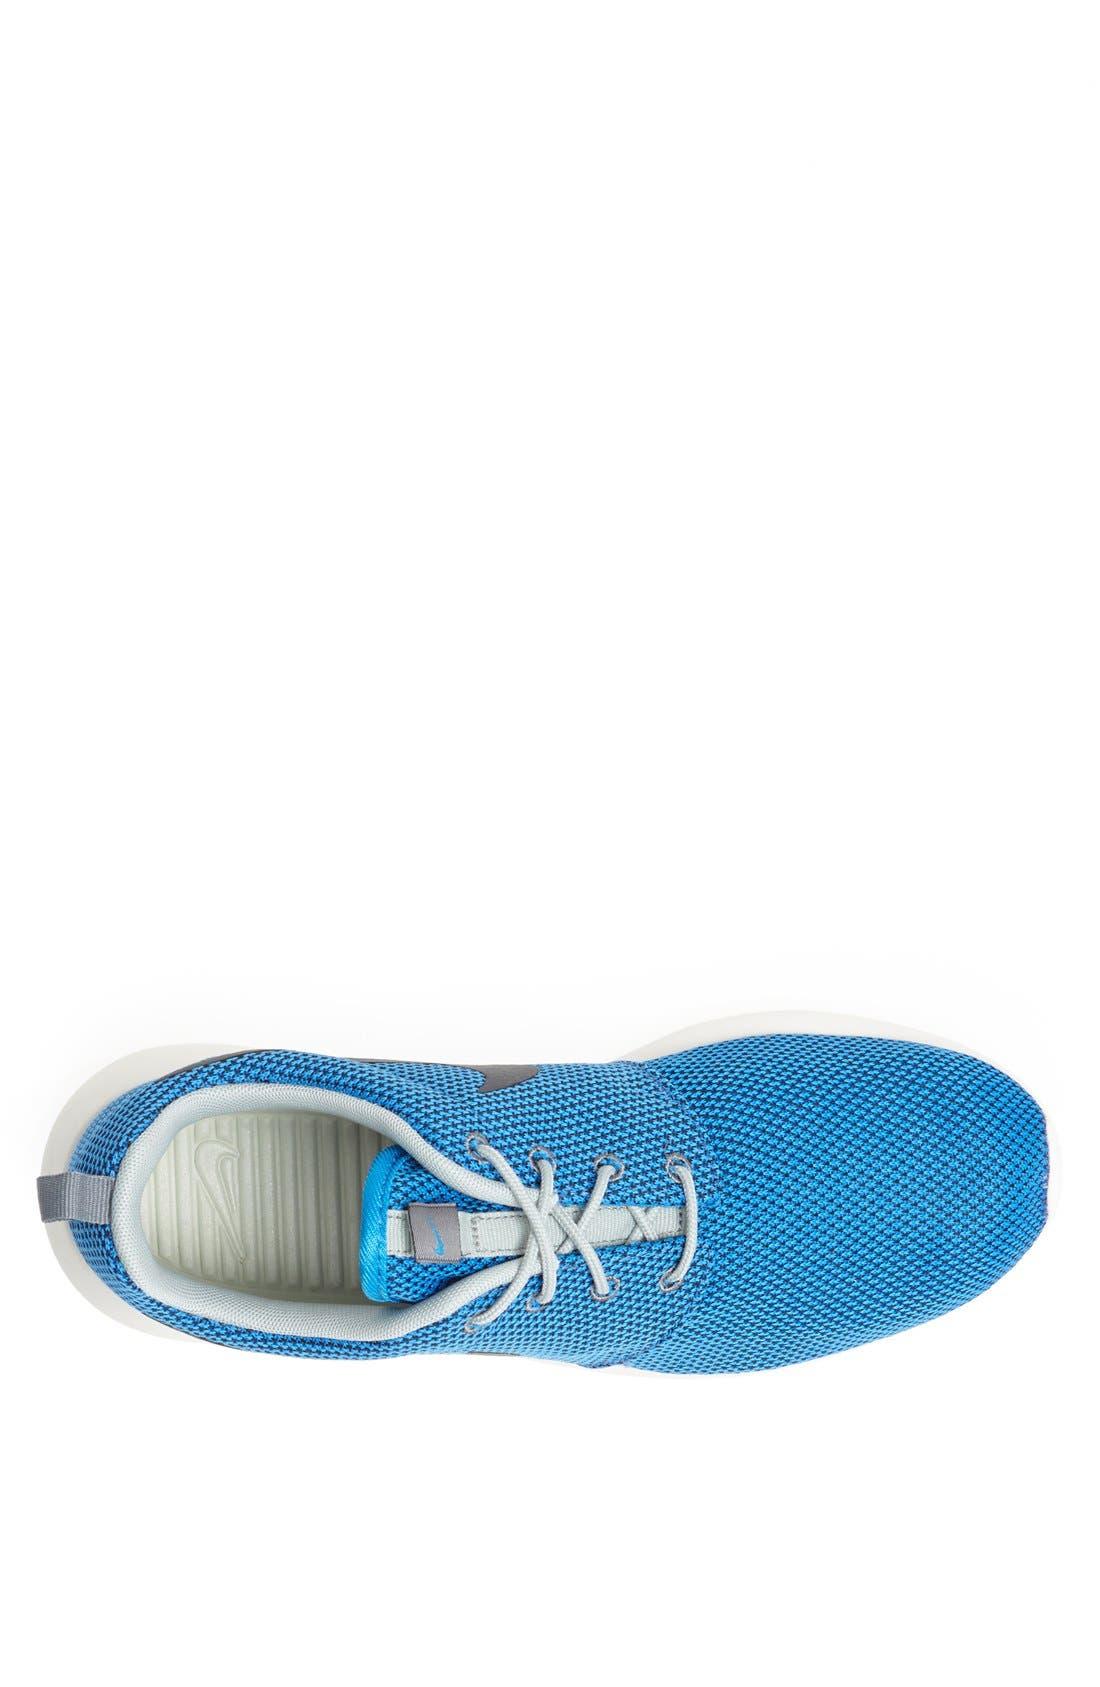 ,                             'Roshe Run' Sneaker,                             Alternate thumbnail 106, color,                             403